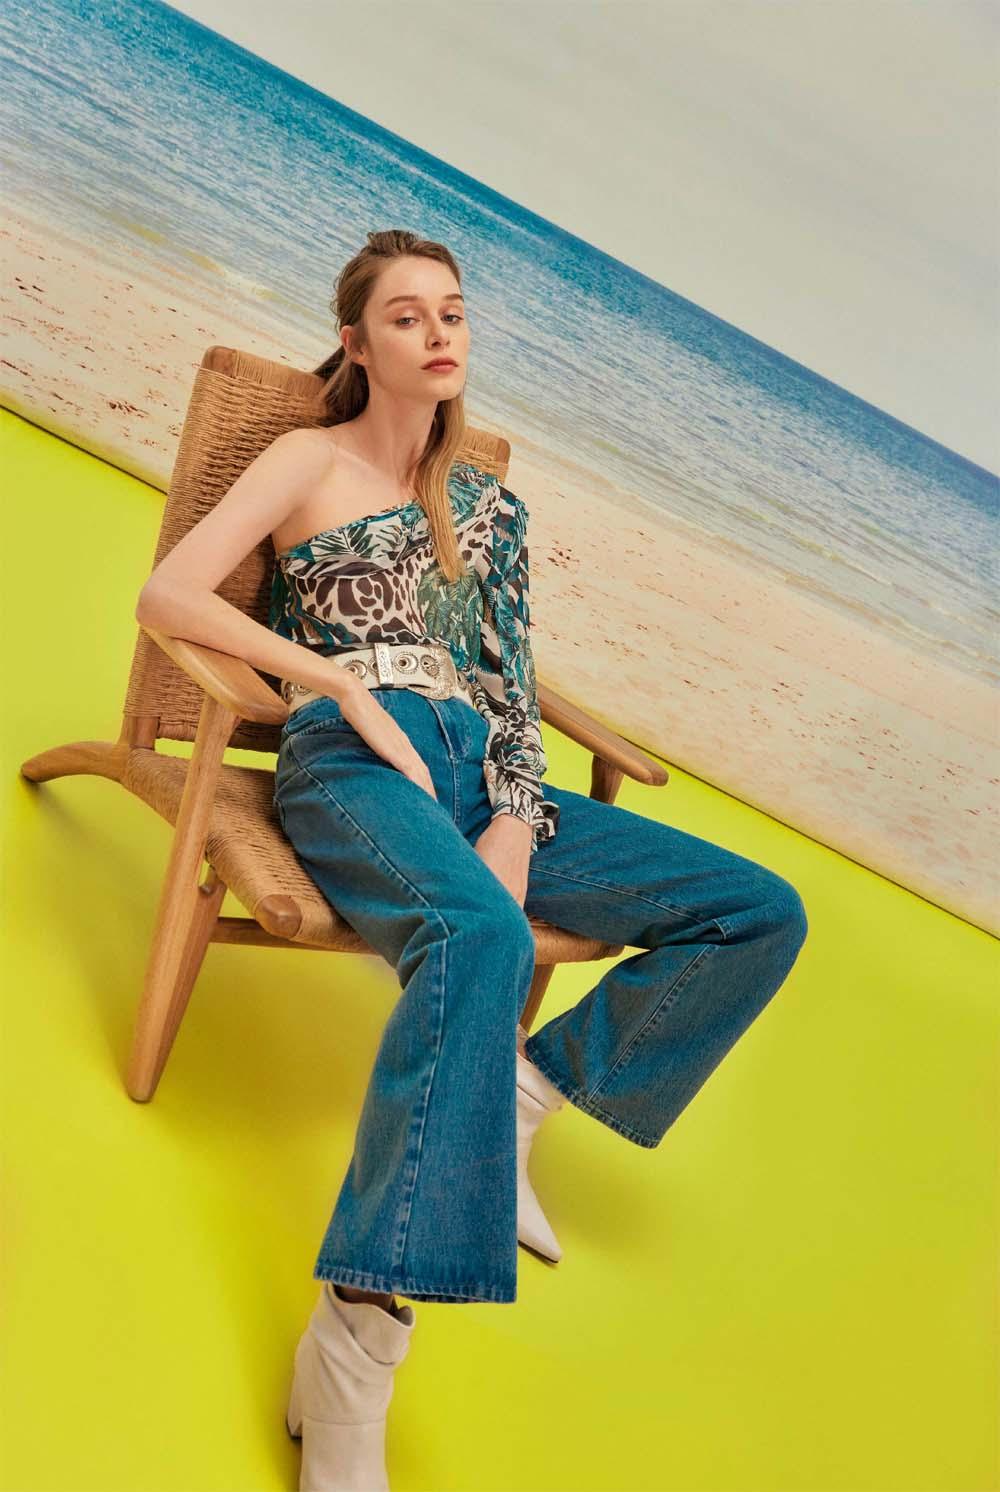 Moda primavera verano 2021 │ Pantalones de jean mujer capri cropped primavera verano 2021.